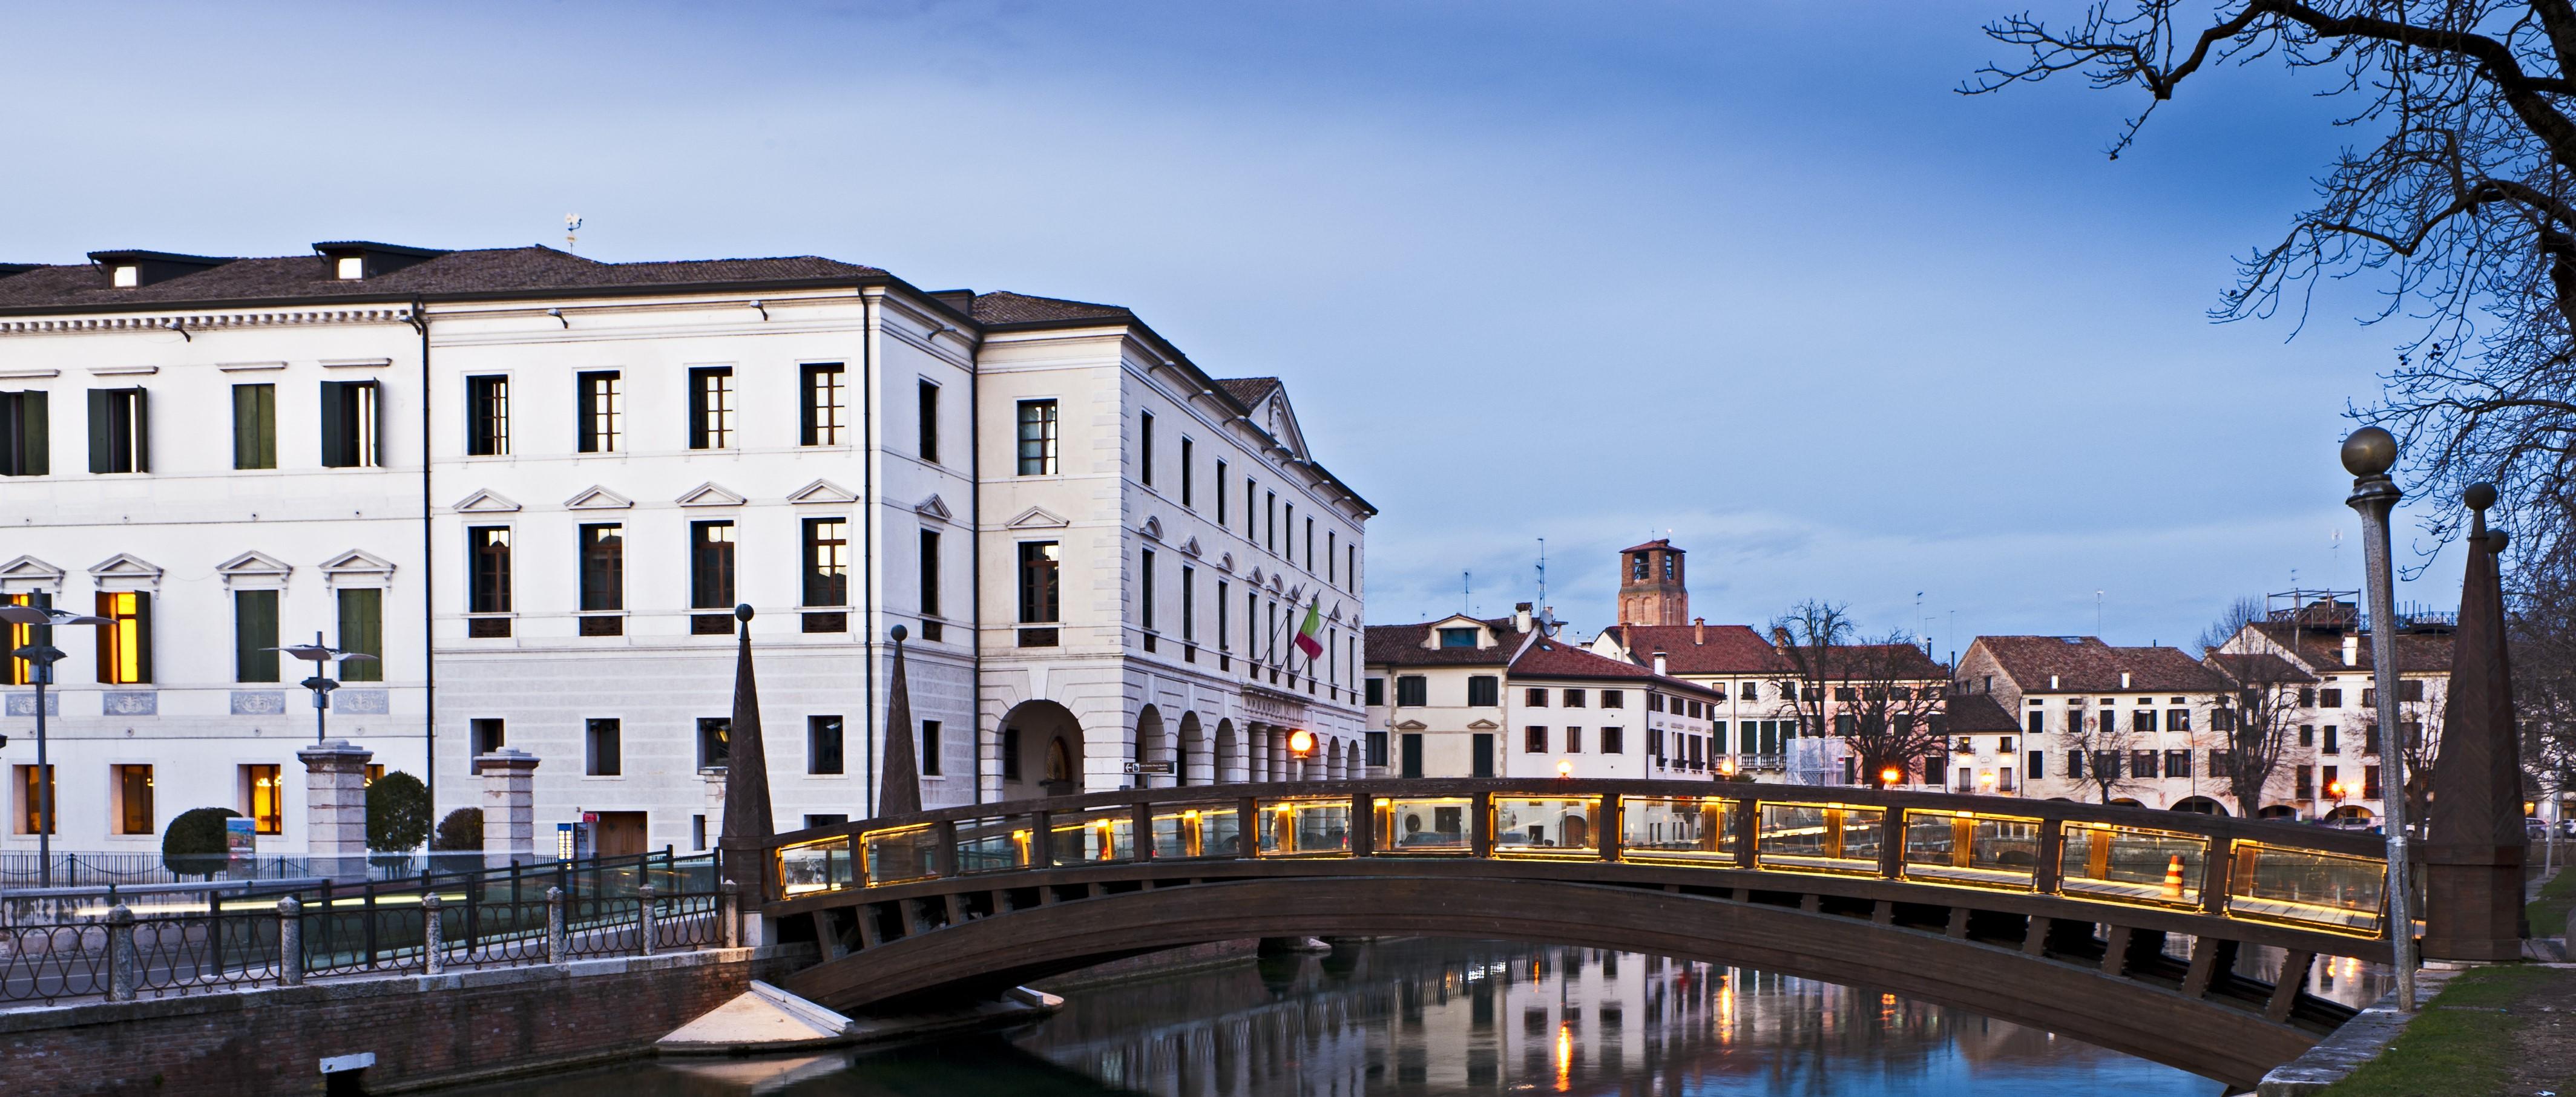 treviso city header